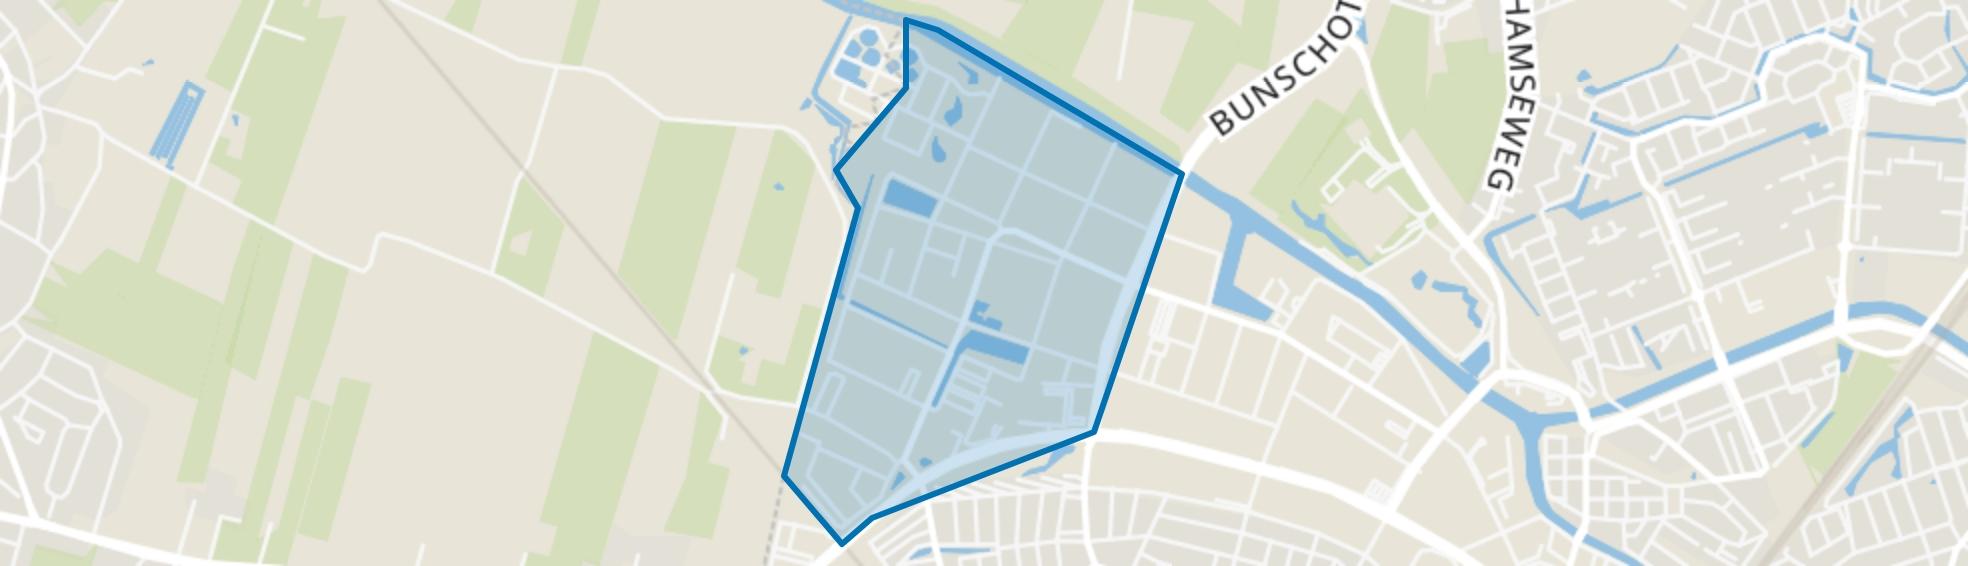 Uraniumweg, Amersfoort map